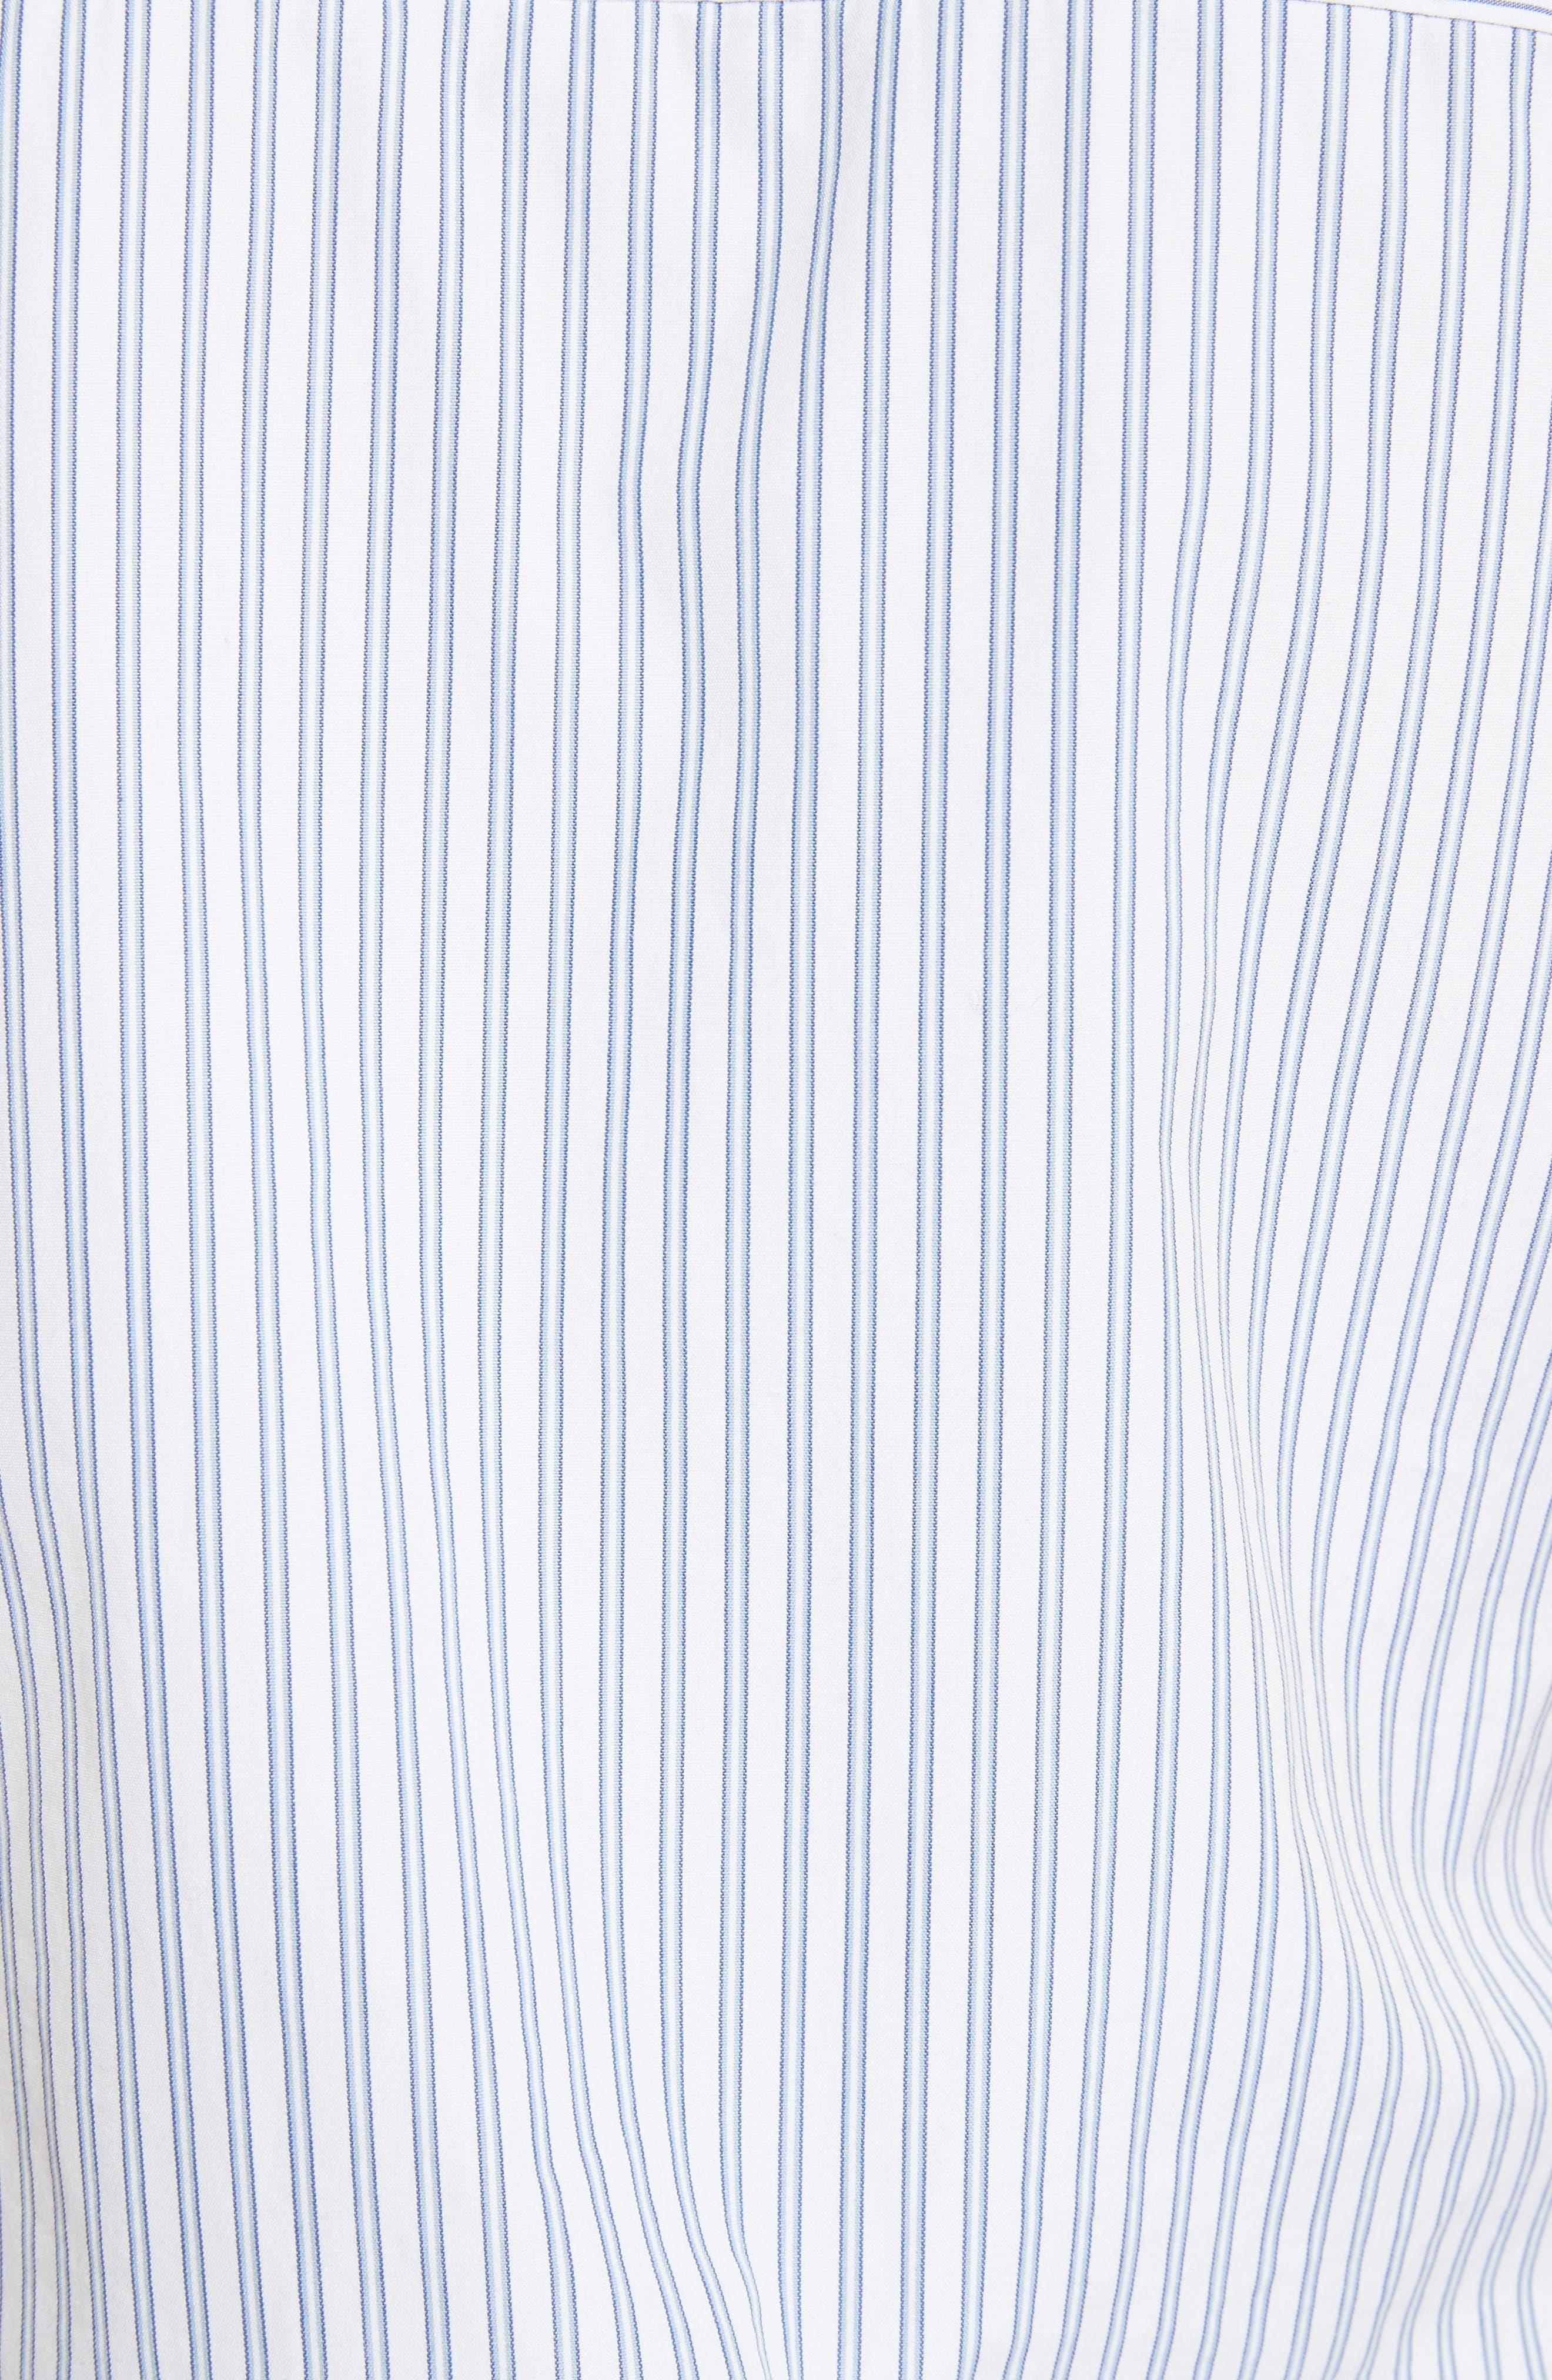 Alexander Wang Deconstructed Poplin Shirtdress,                             Alternate thumbnail 5, color,